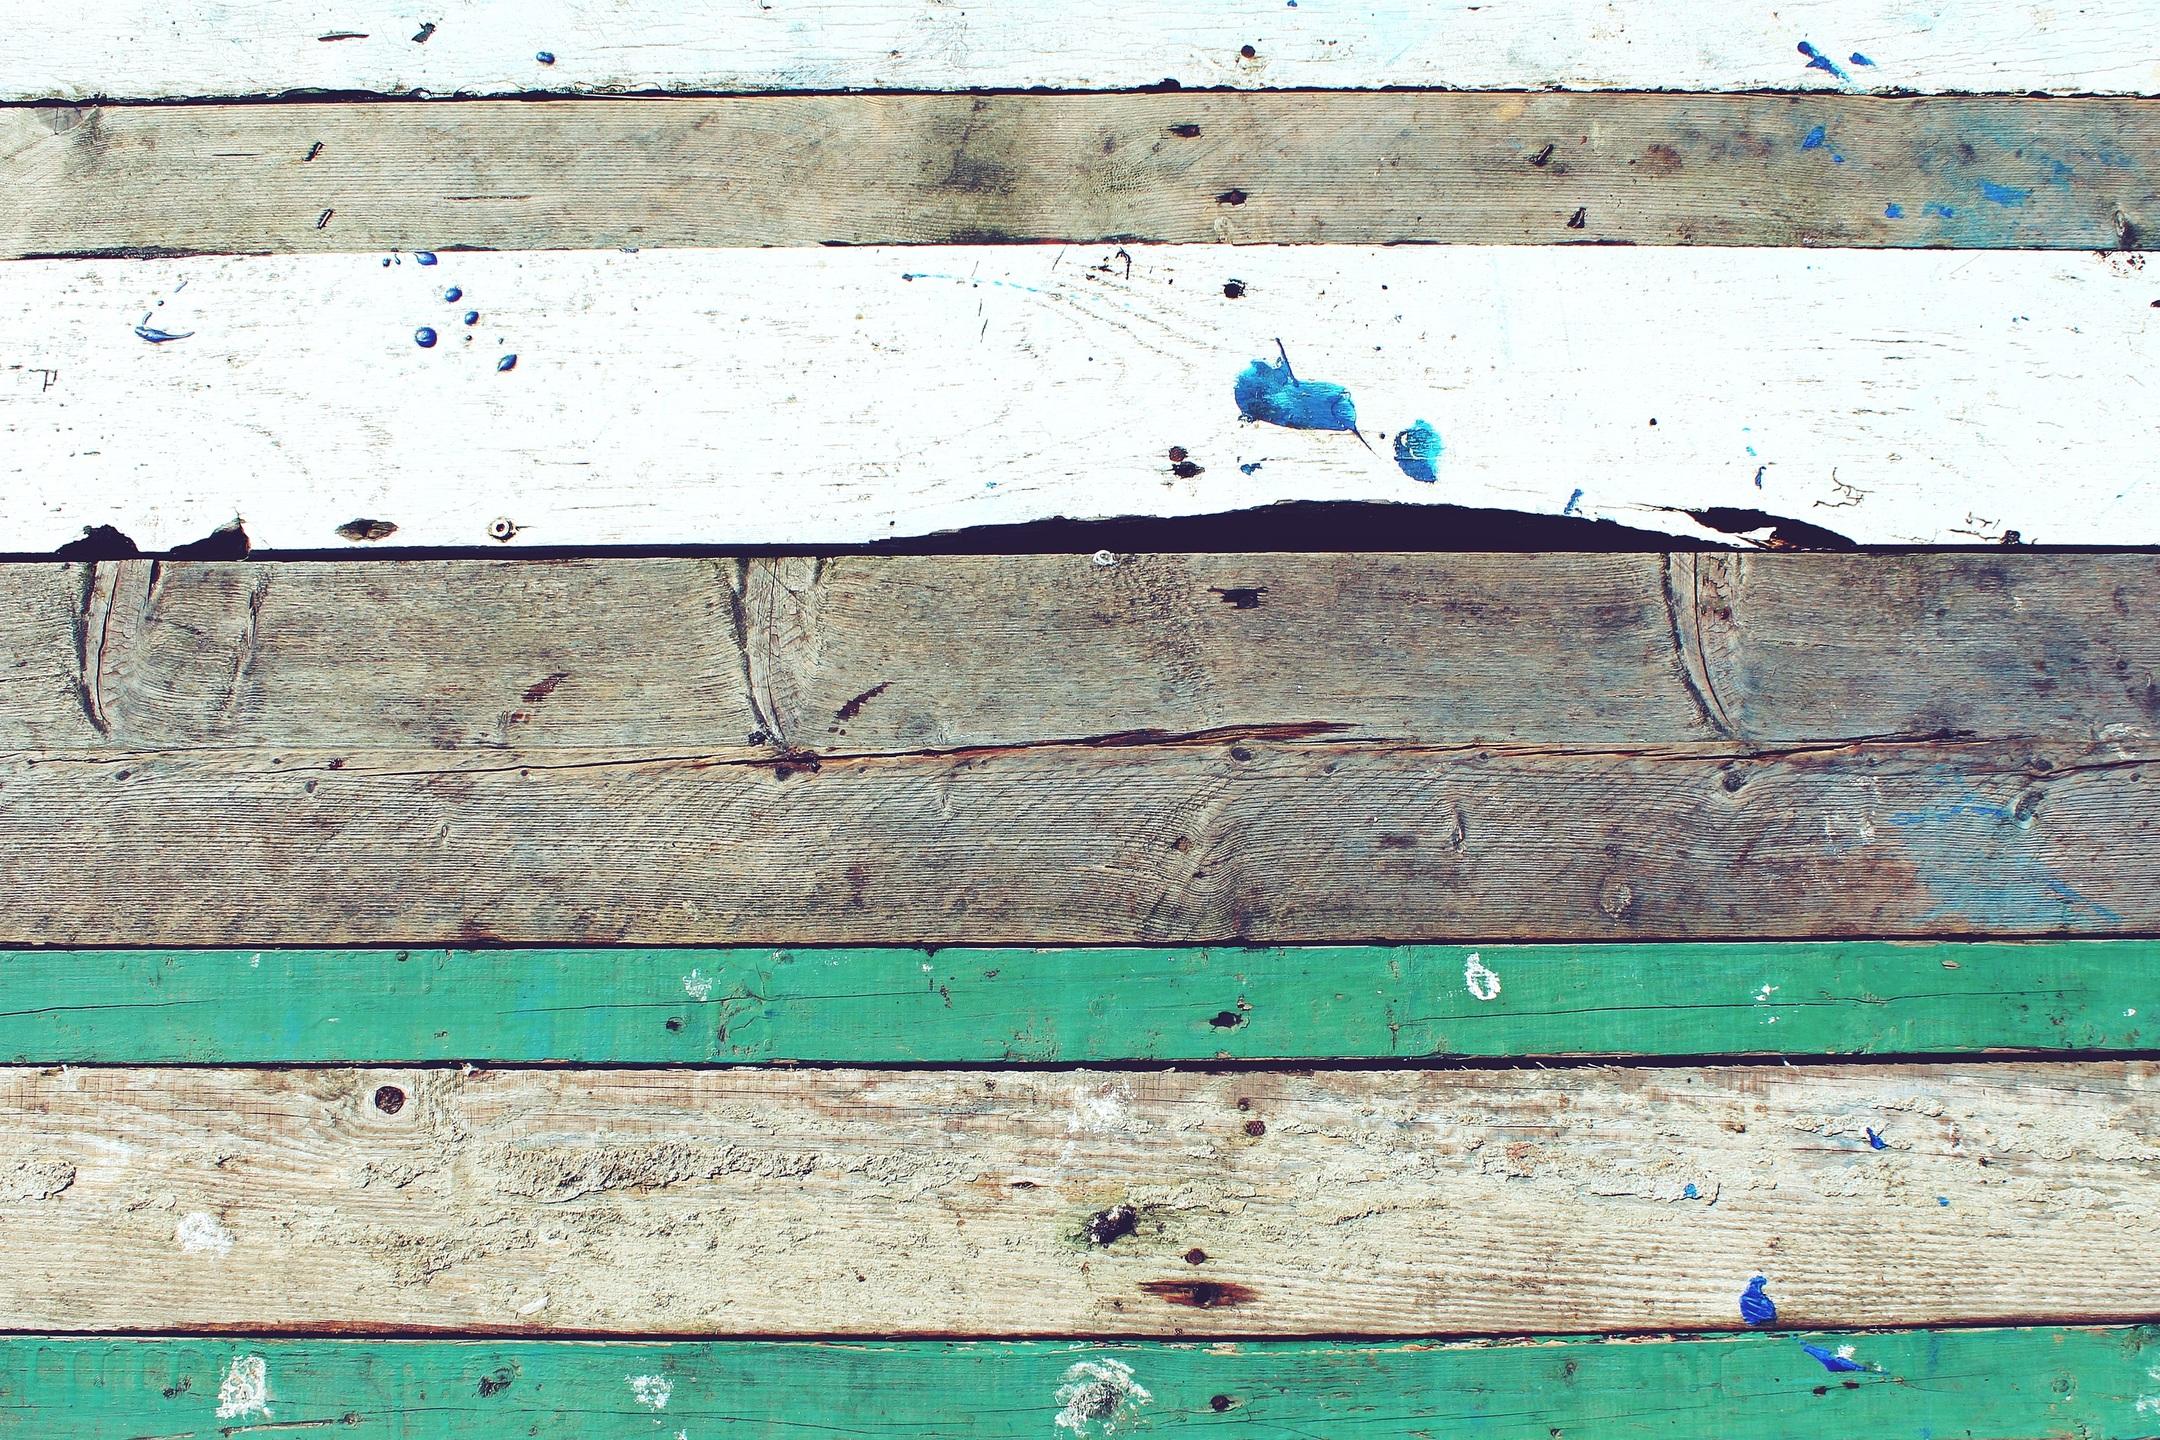 nature-structure-boardwalk-wood-vintage-grain-1035516-pxhere-com